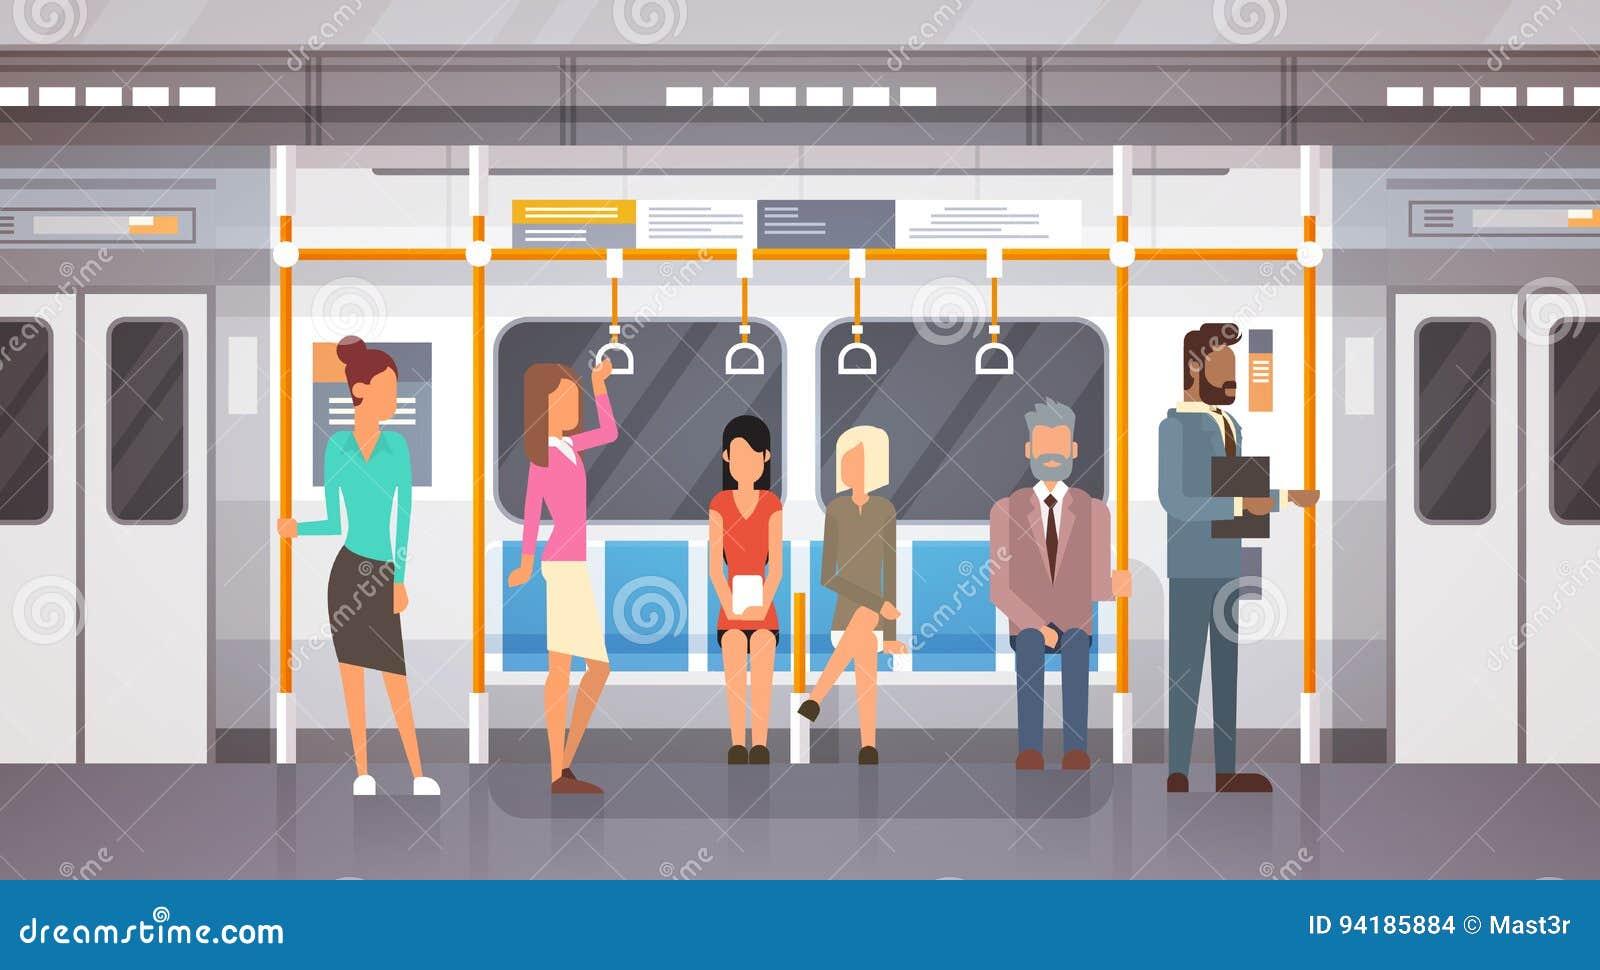 Passageiros no transporte público da cidade moderna do carro de metro, bonde subterrâneo dos povos